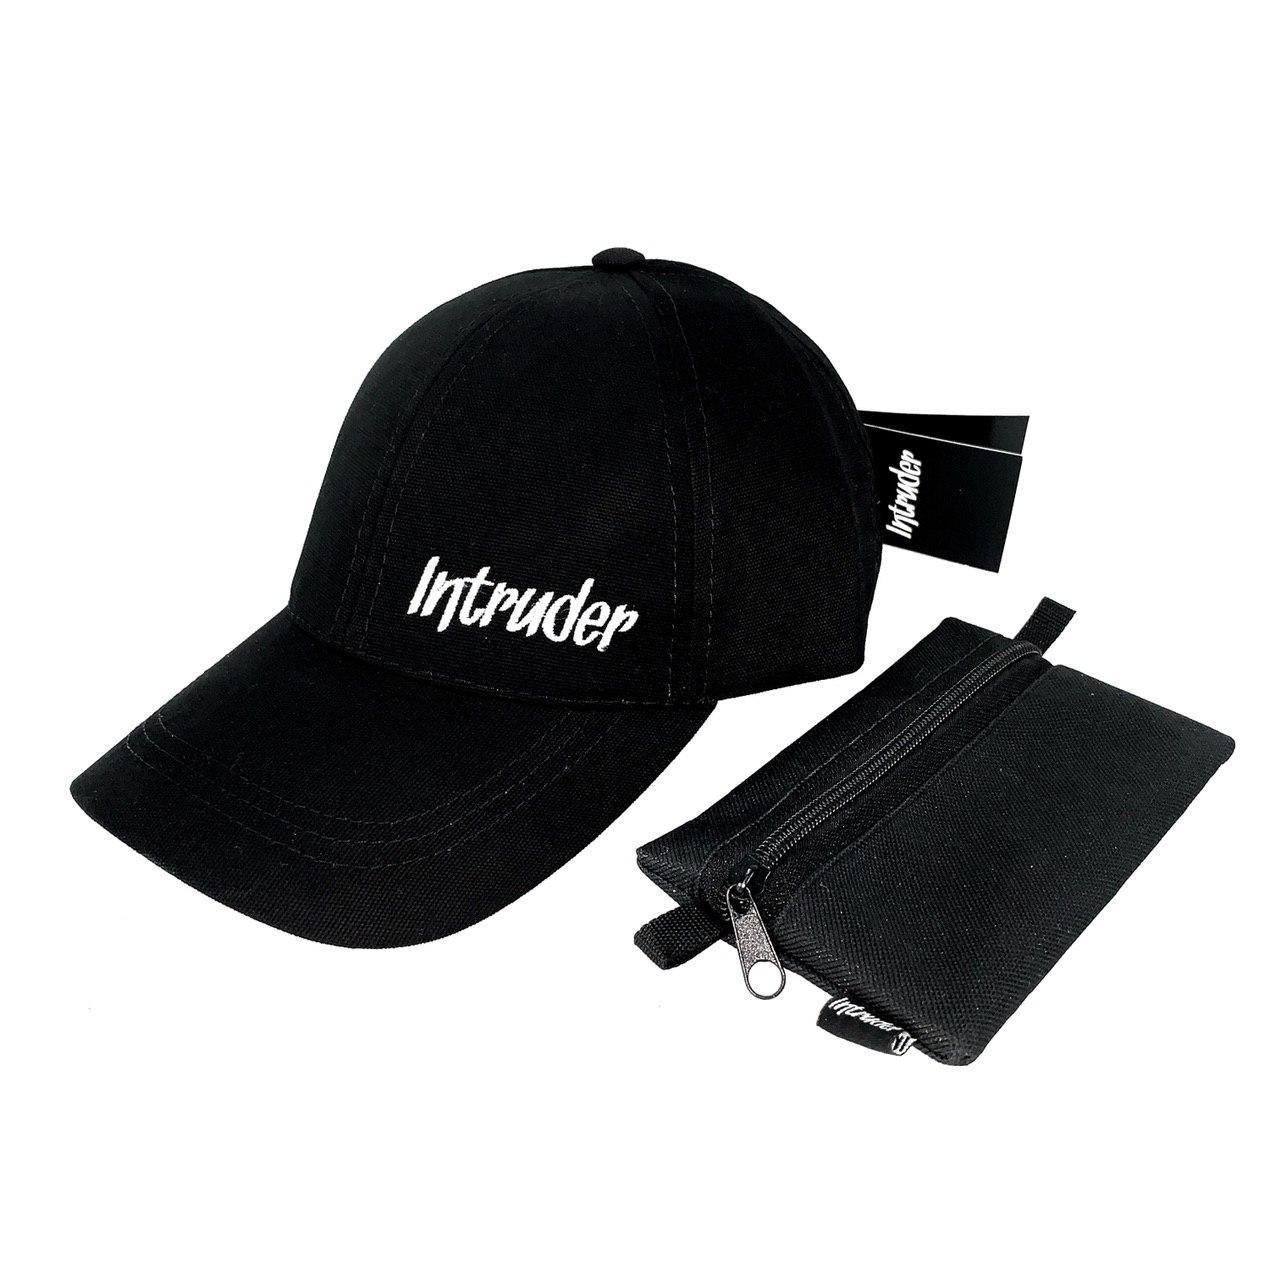 Бейсболка мужская кепка Intruder Originals мужская | женская черная брендовая